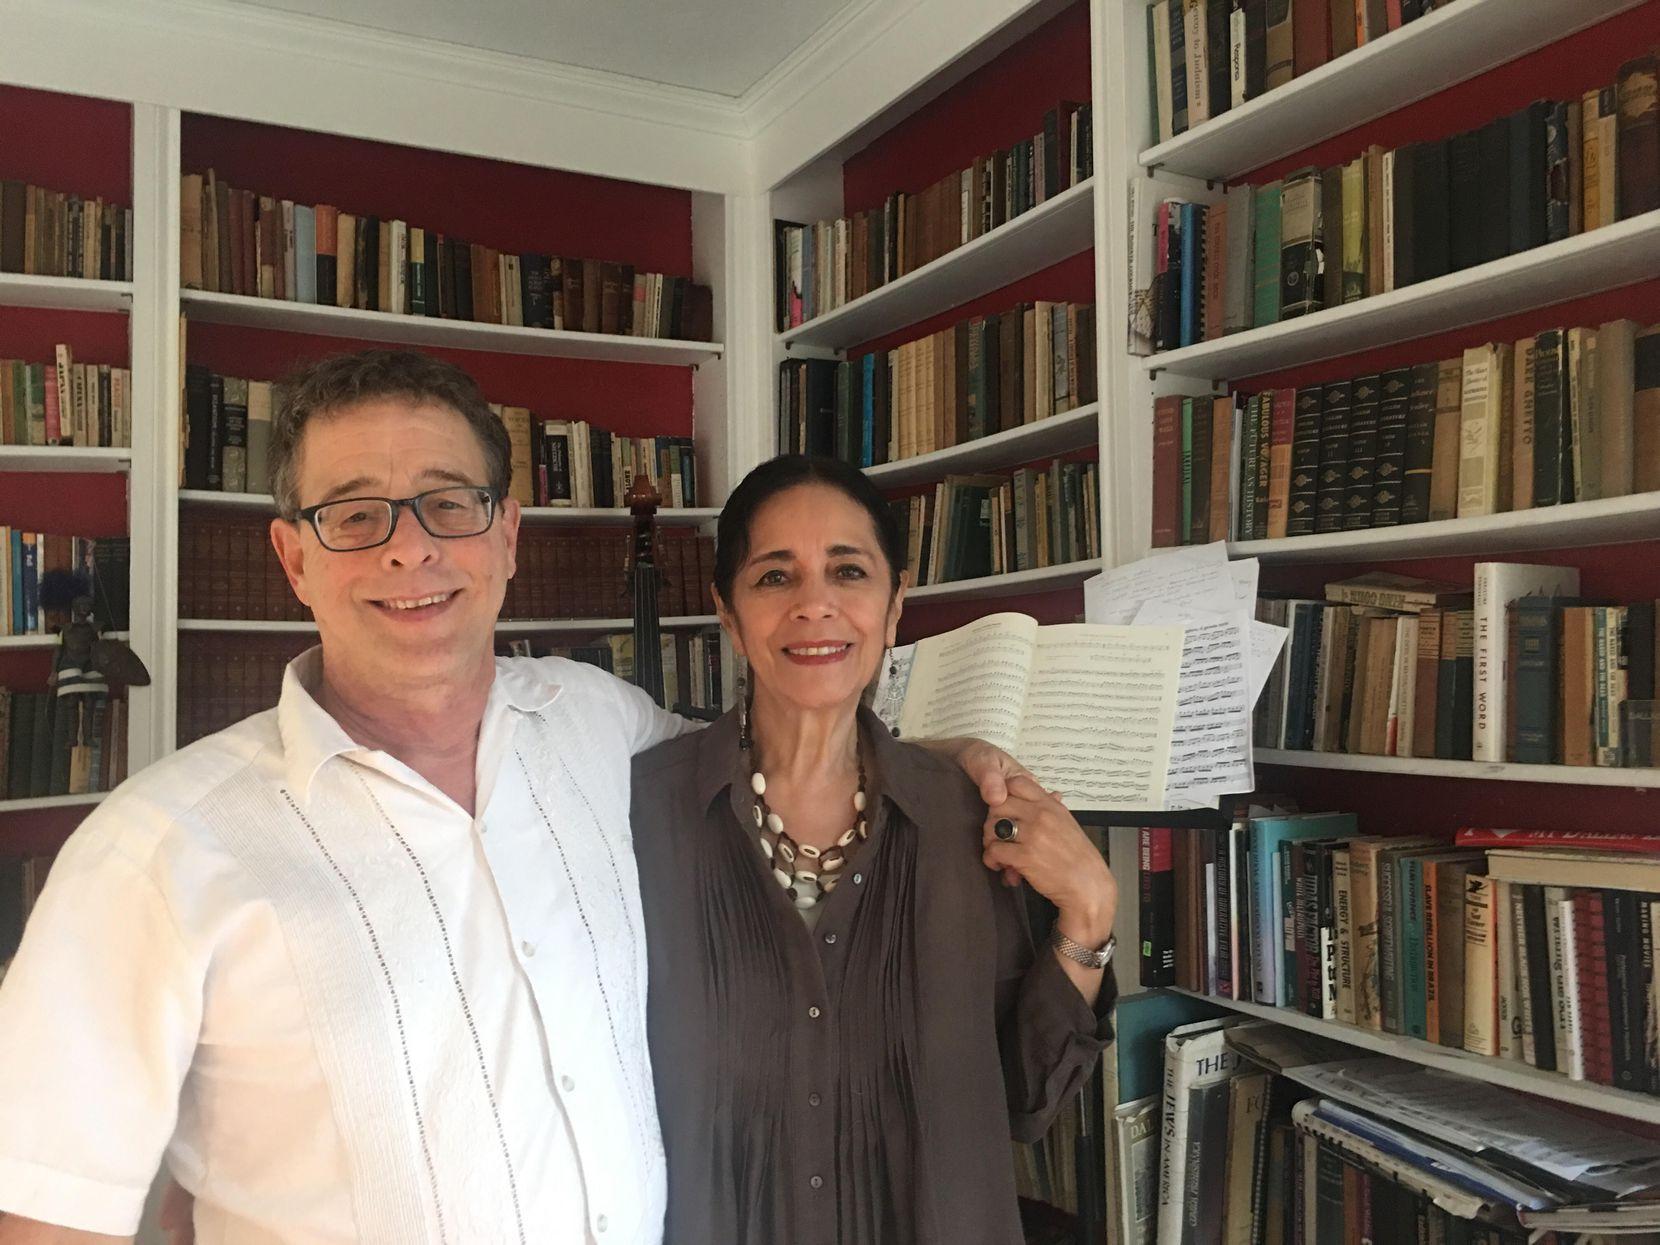 Jeff Hurst y Cora Cardona, fundadores del Teatro Dallas, fotografiados en su casa en Oak Cliff el 11 de septiembre de 2018. Foto: JENNY MANRIQUE/AL DÍA